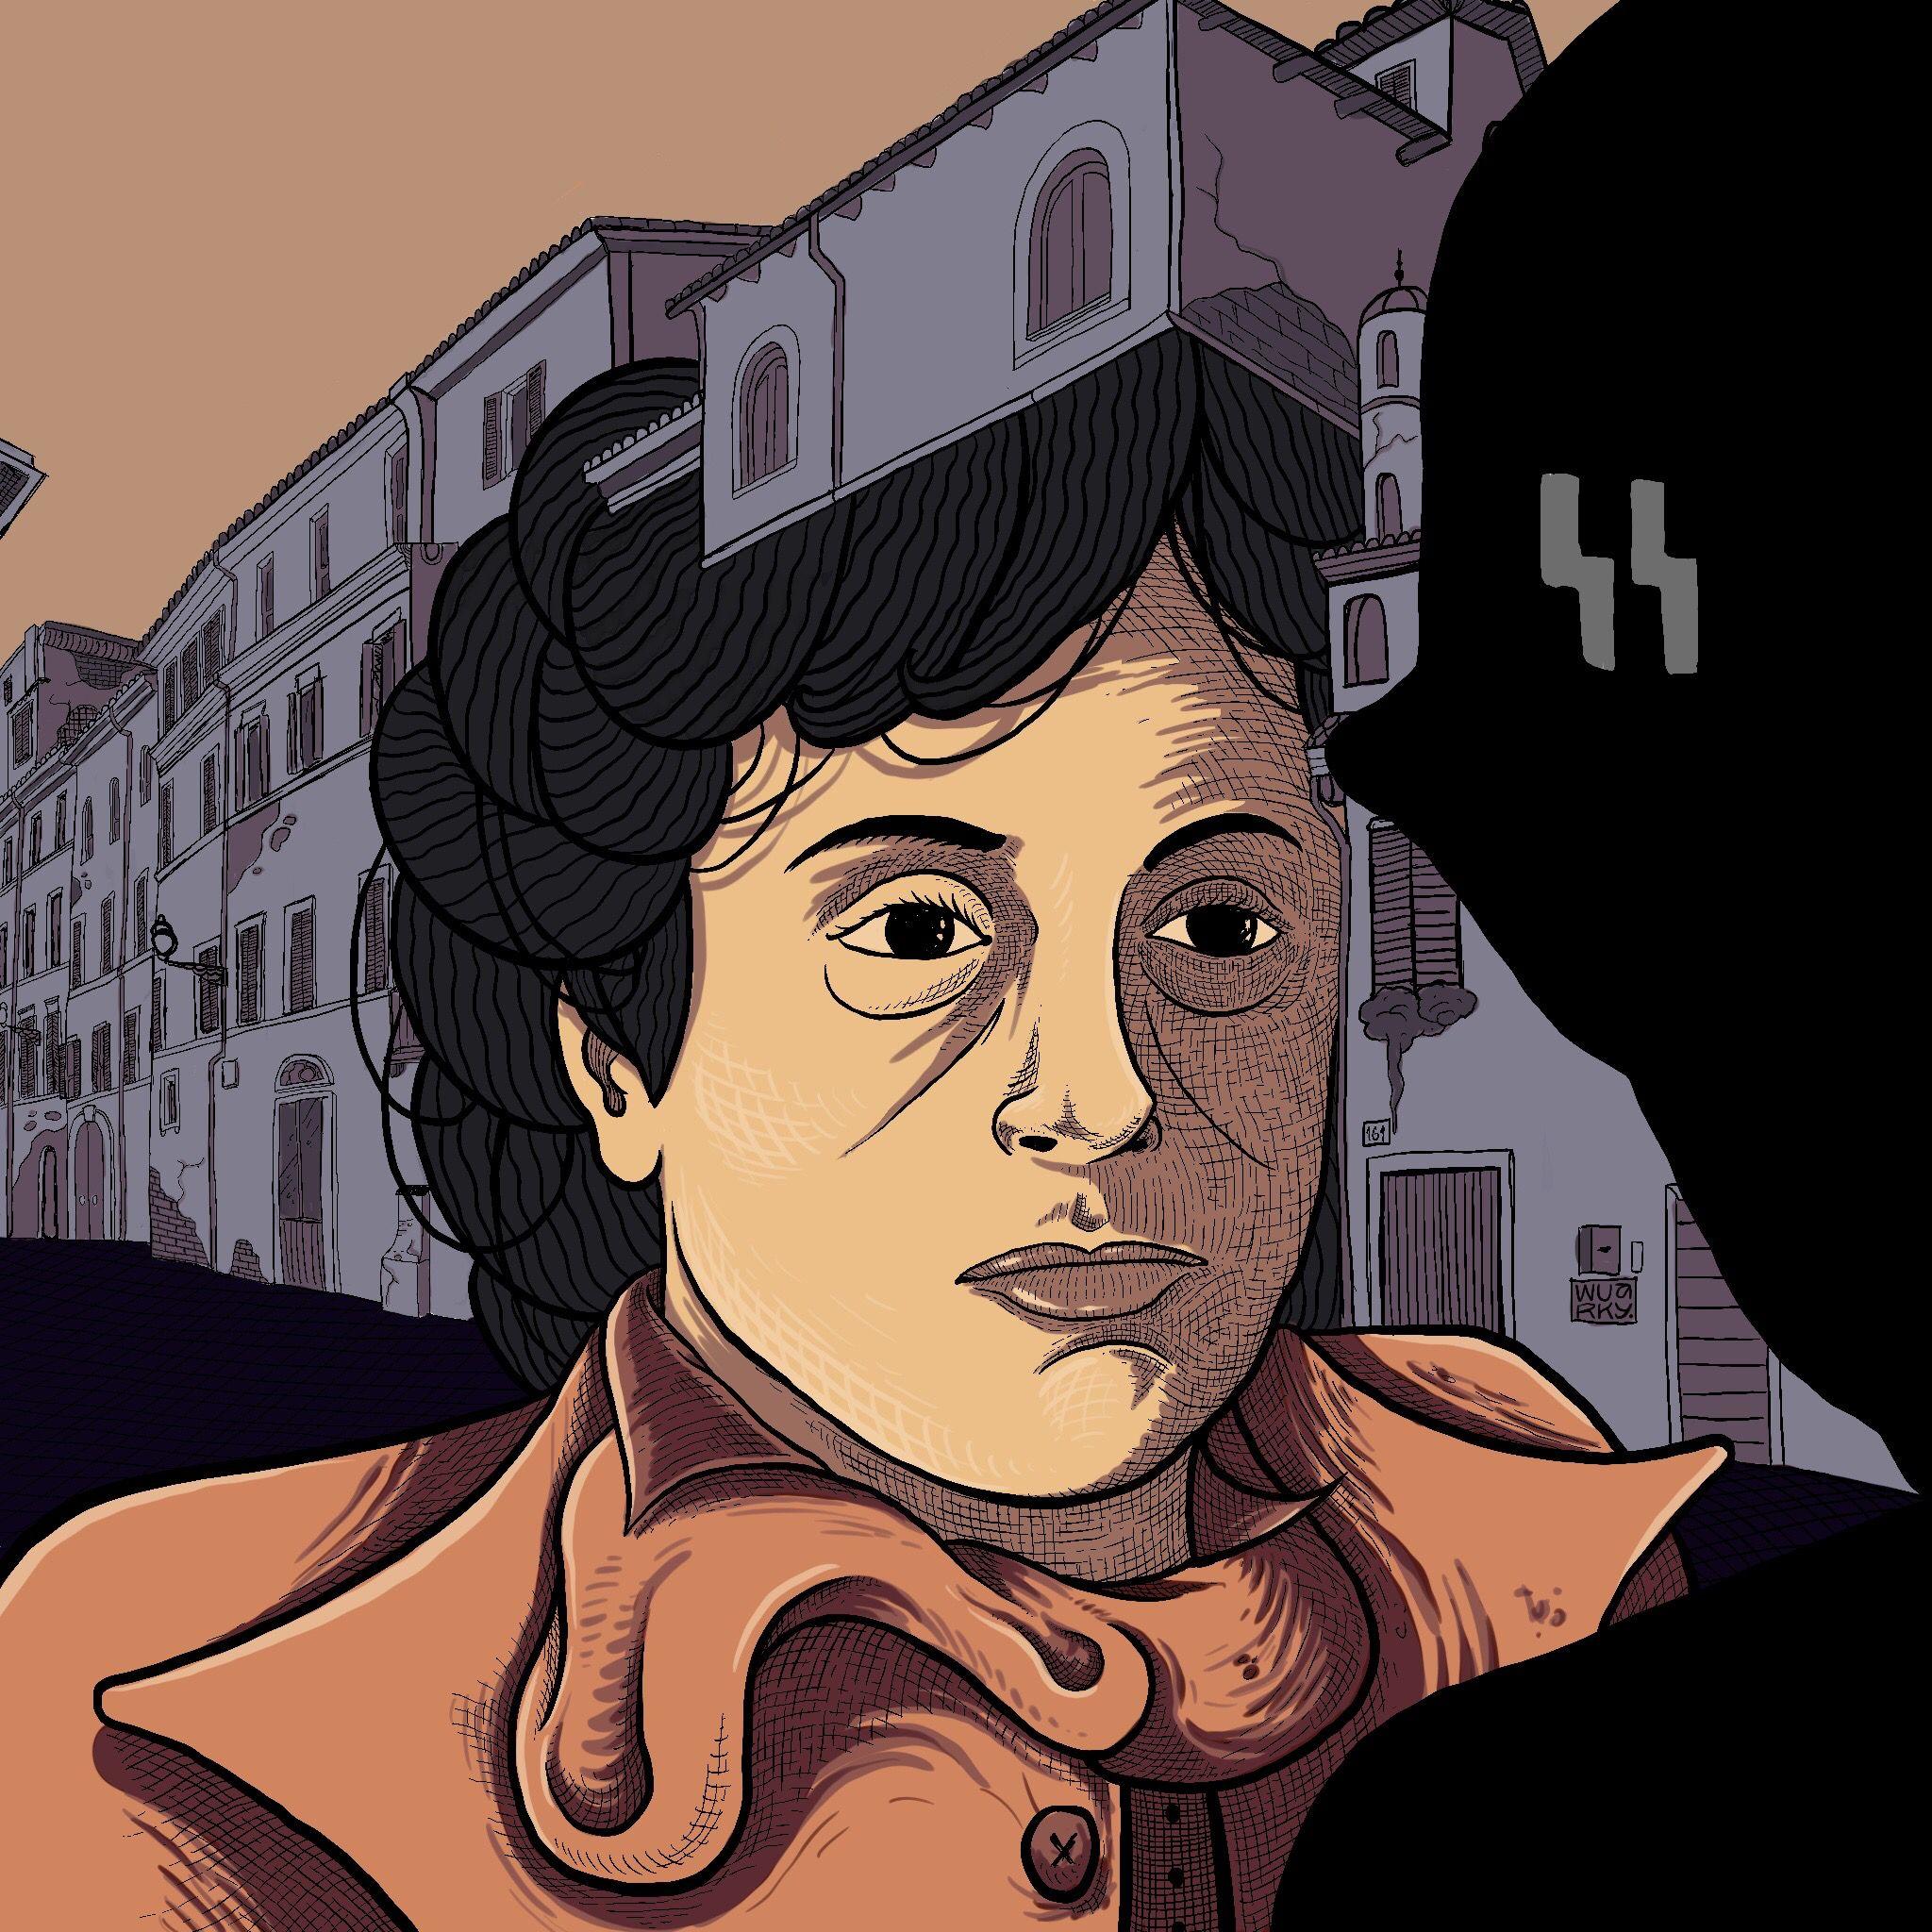 Roma città aperta, nella nostra rubrica La Roma del Cinema, in una scena illustrata da Wuarky